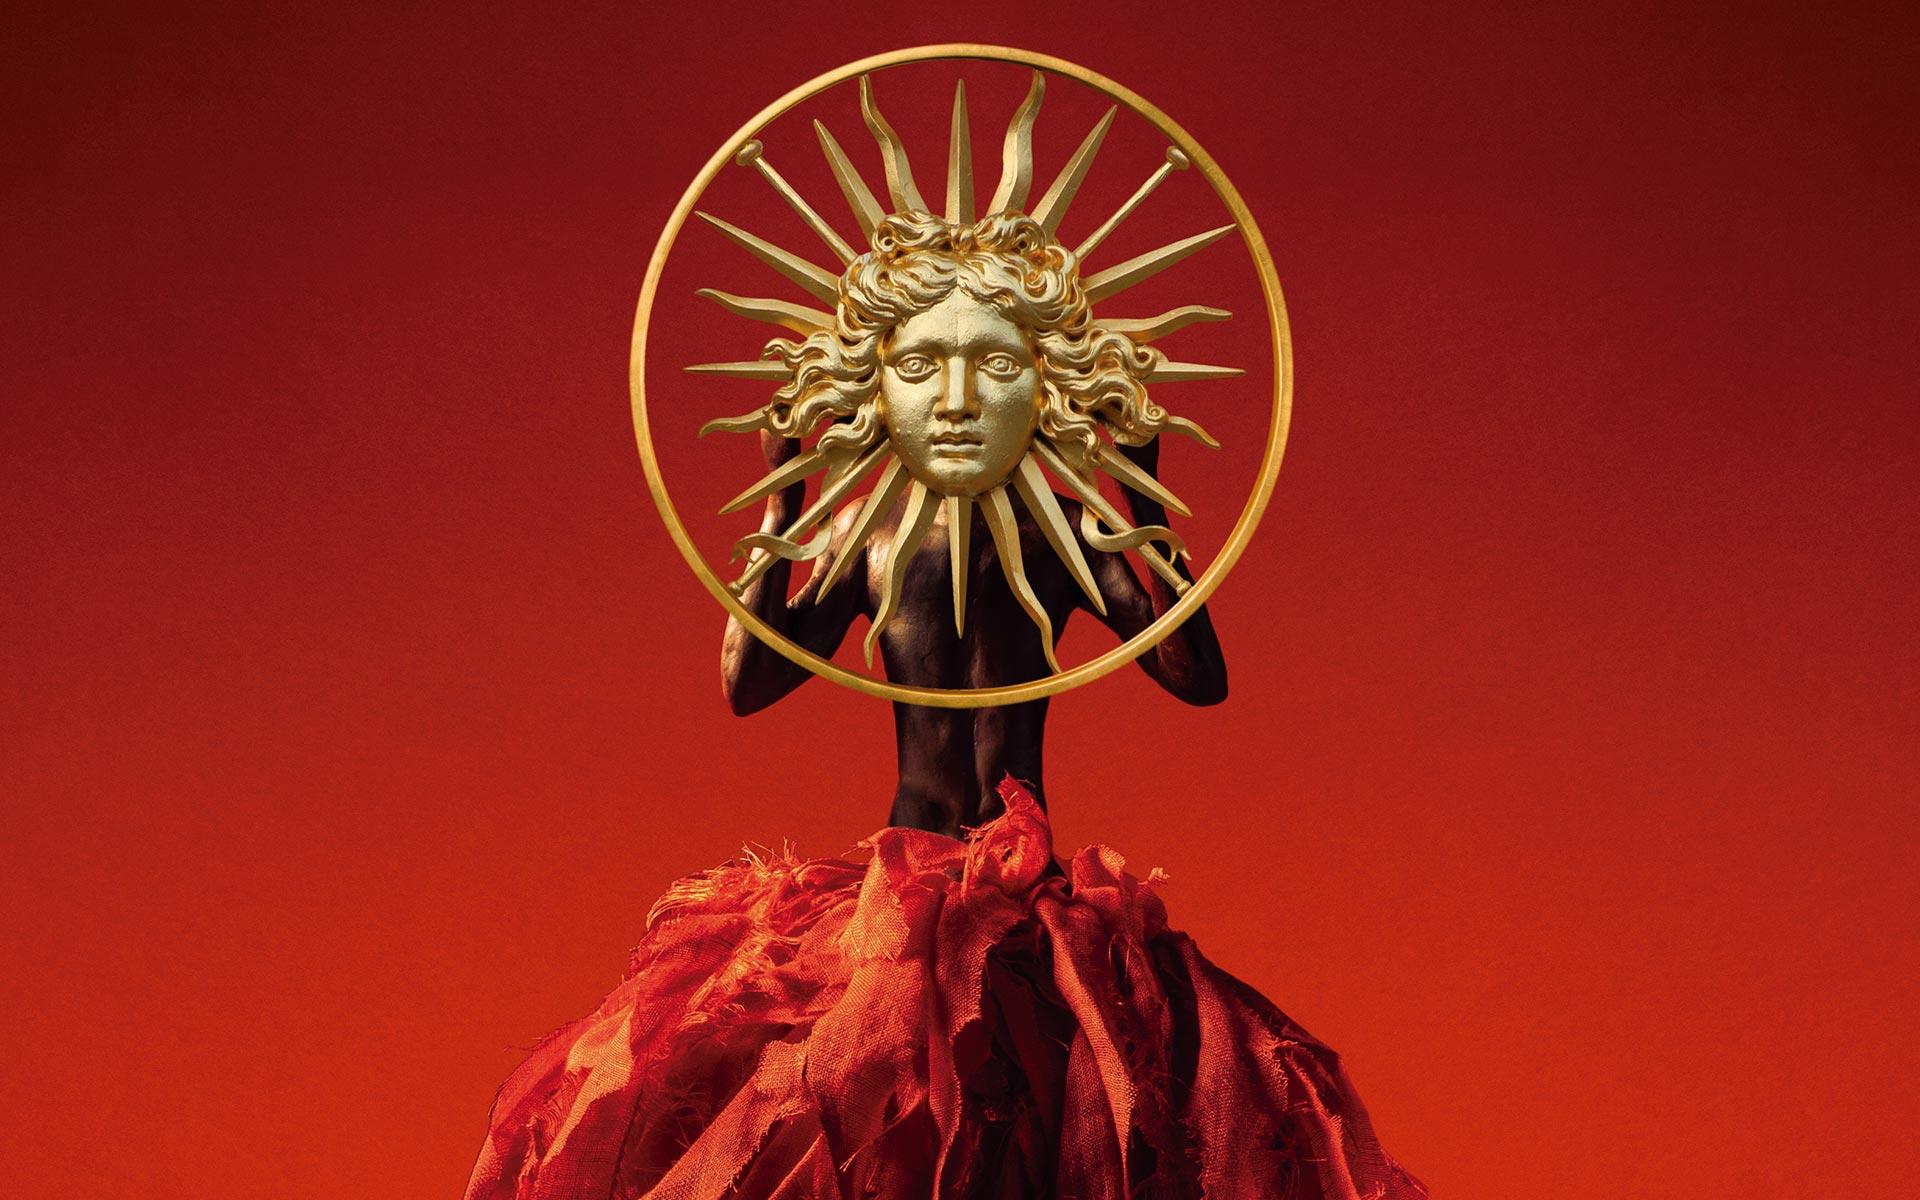 El nacimiento del rey Sol